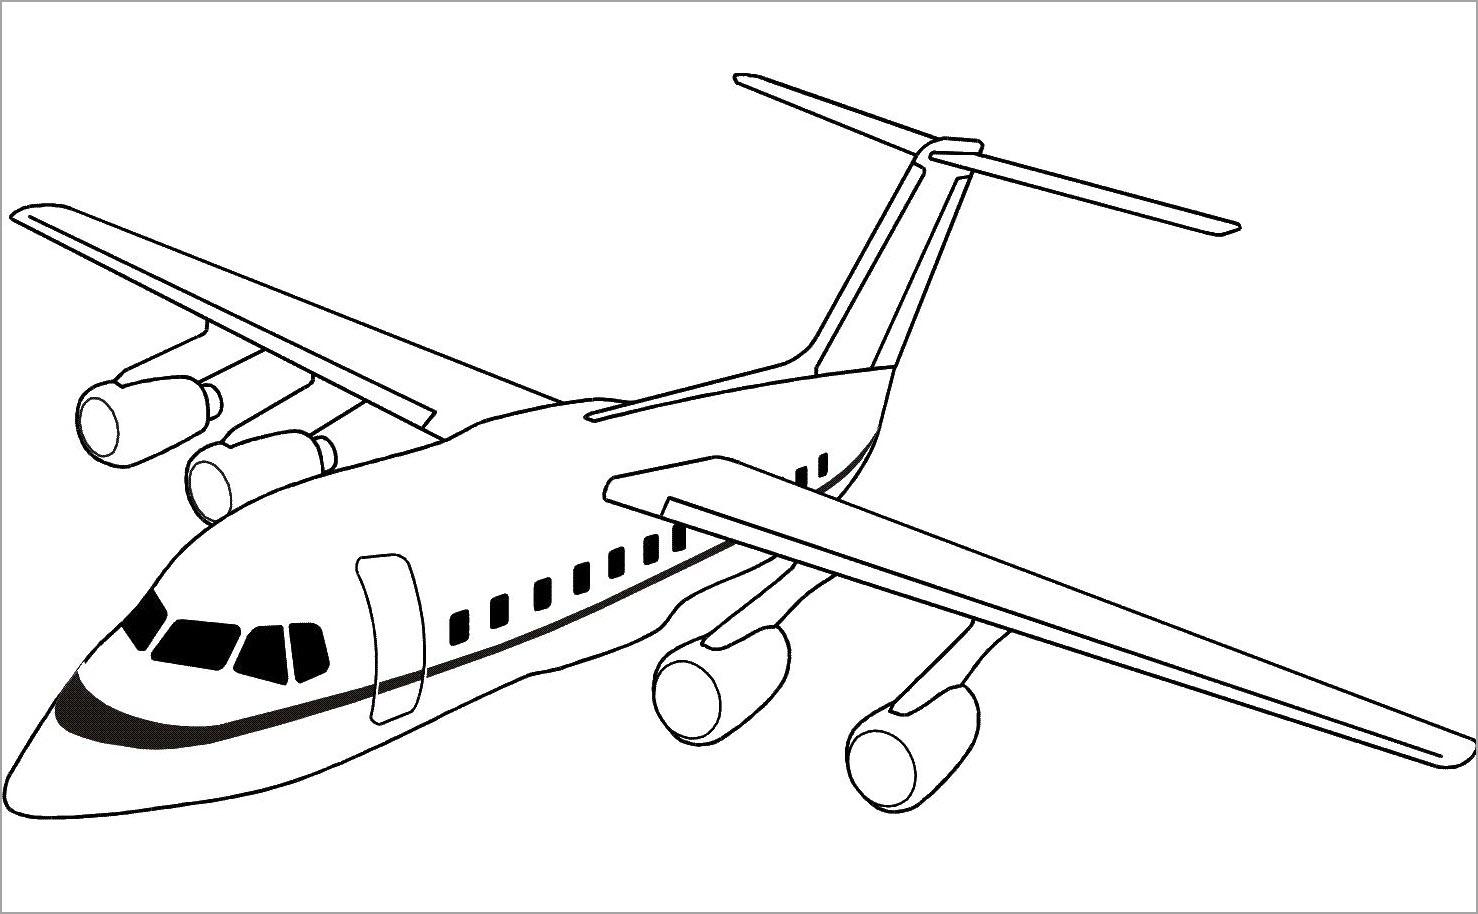 Hình máy bay tô màu